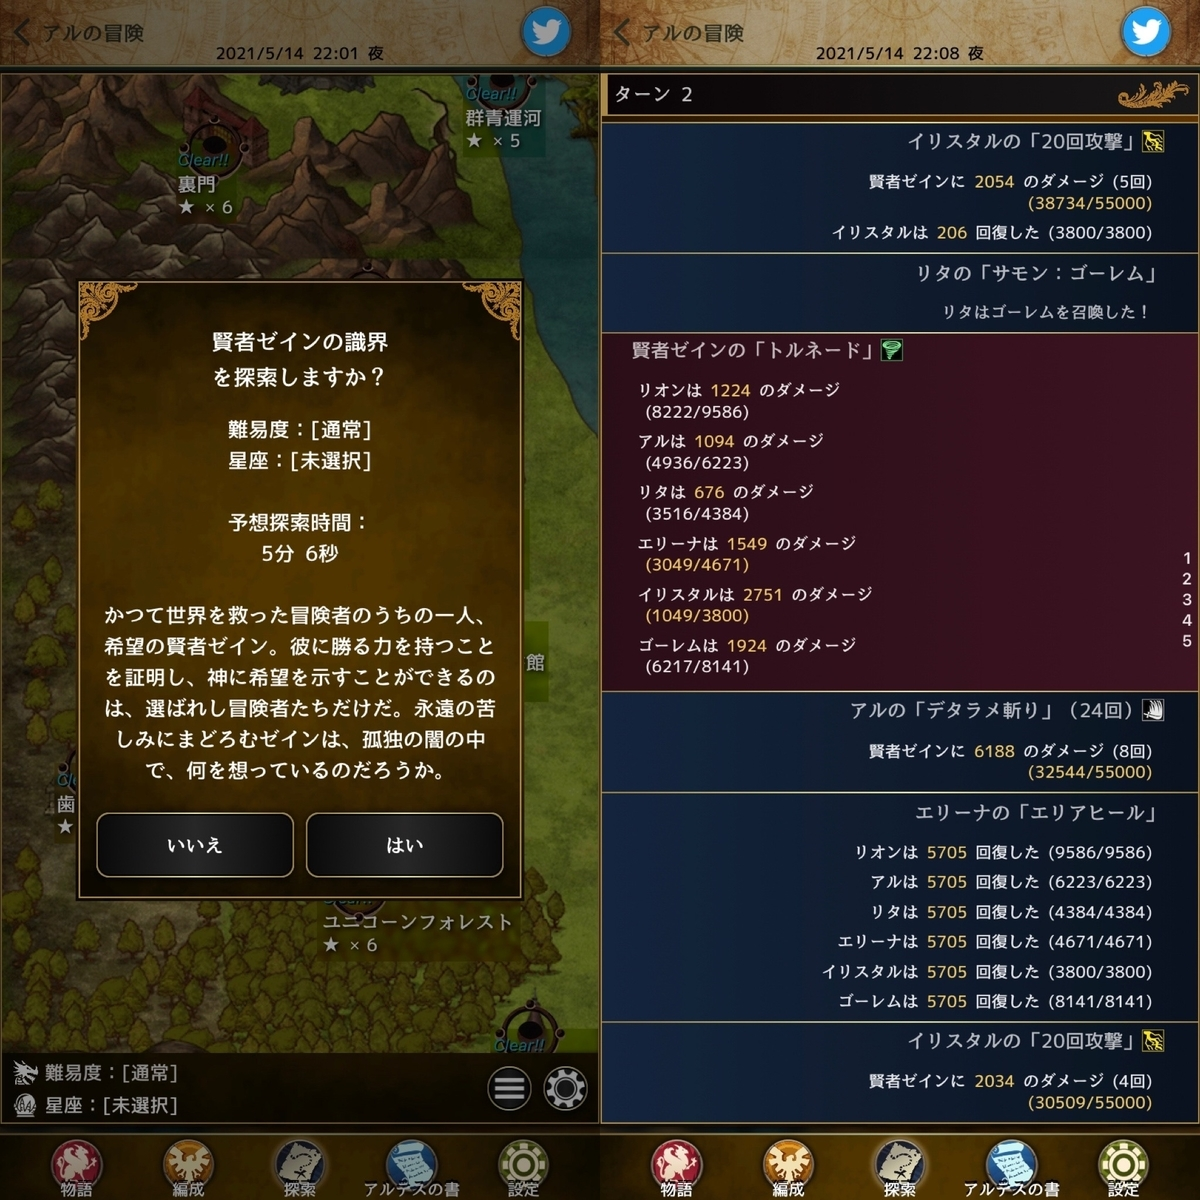 f:id:asamushi:20210519152419j:plain